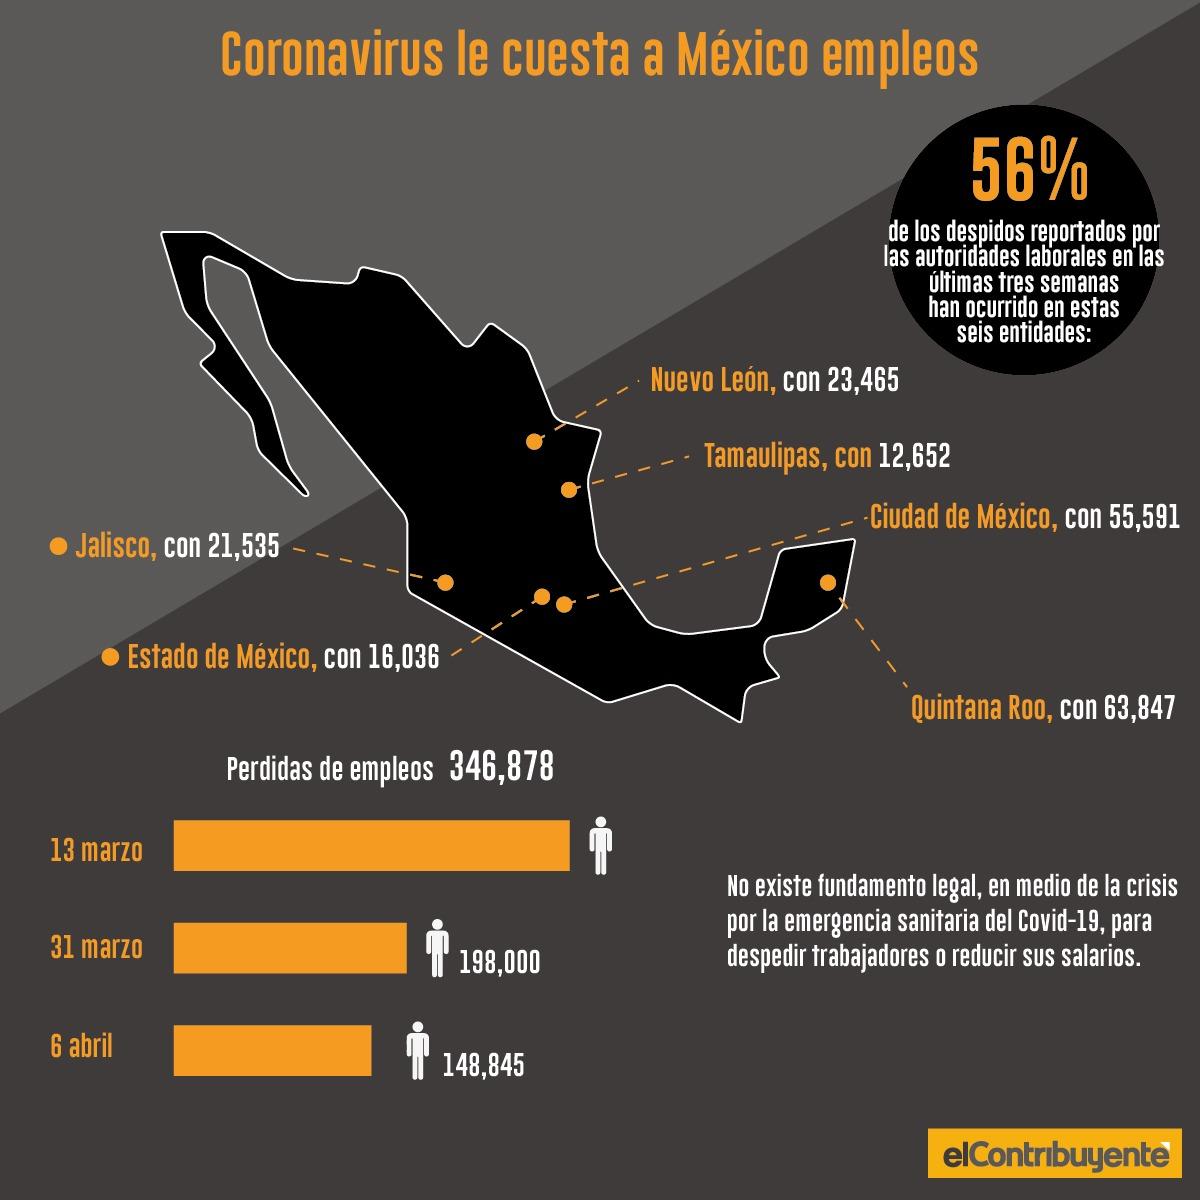 Por Covid-19 en México se han perdido más de 14,500 puestos de empleo